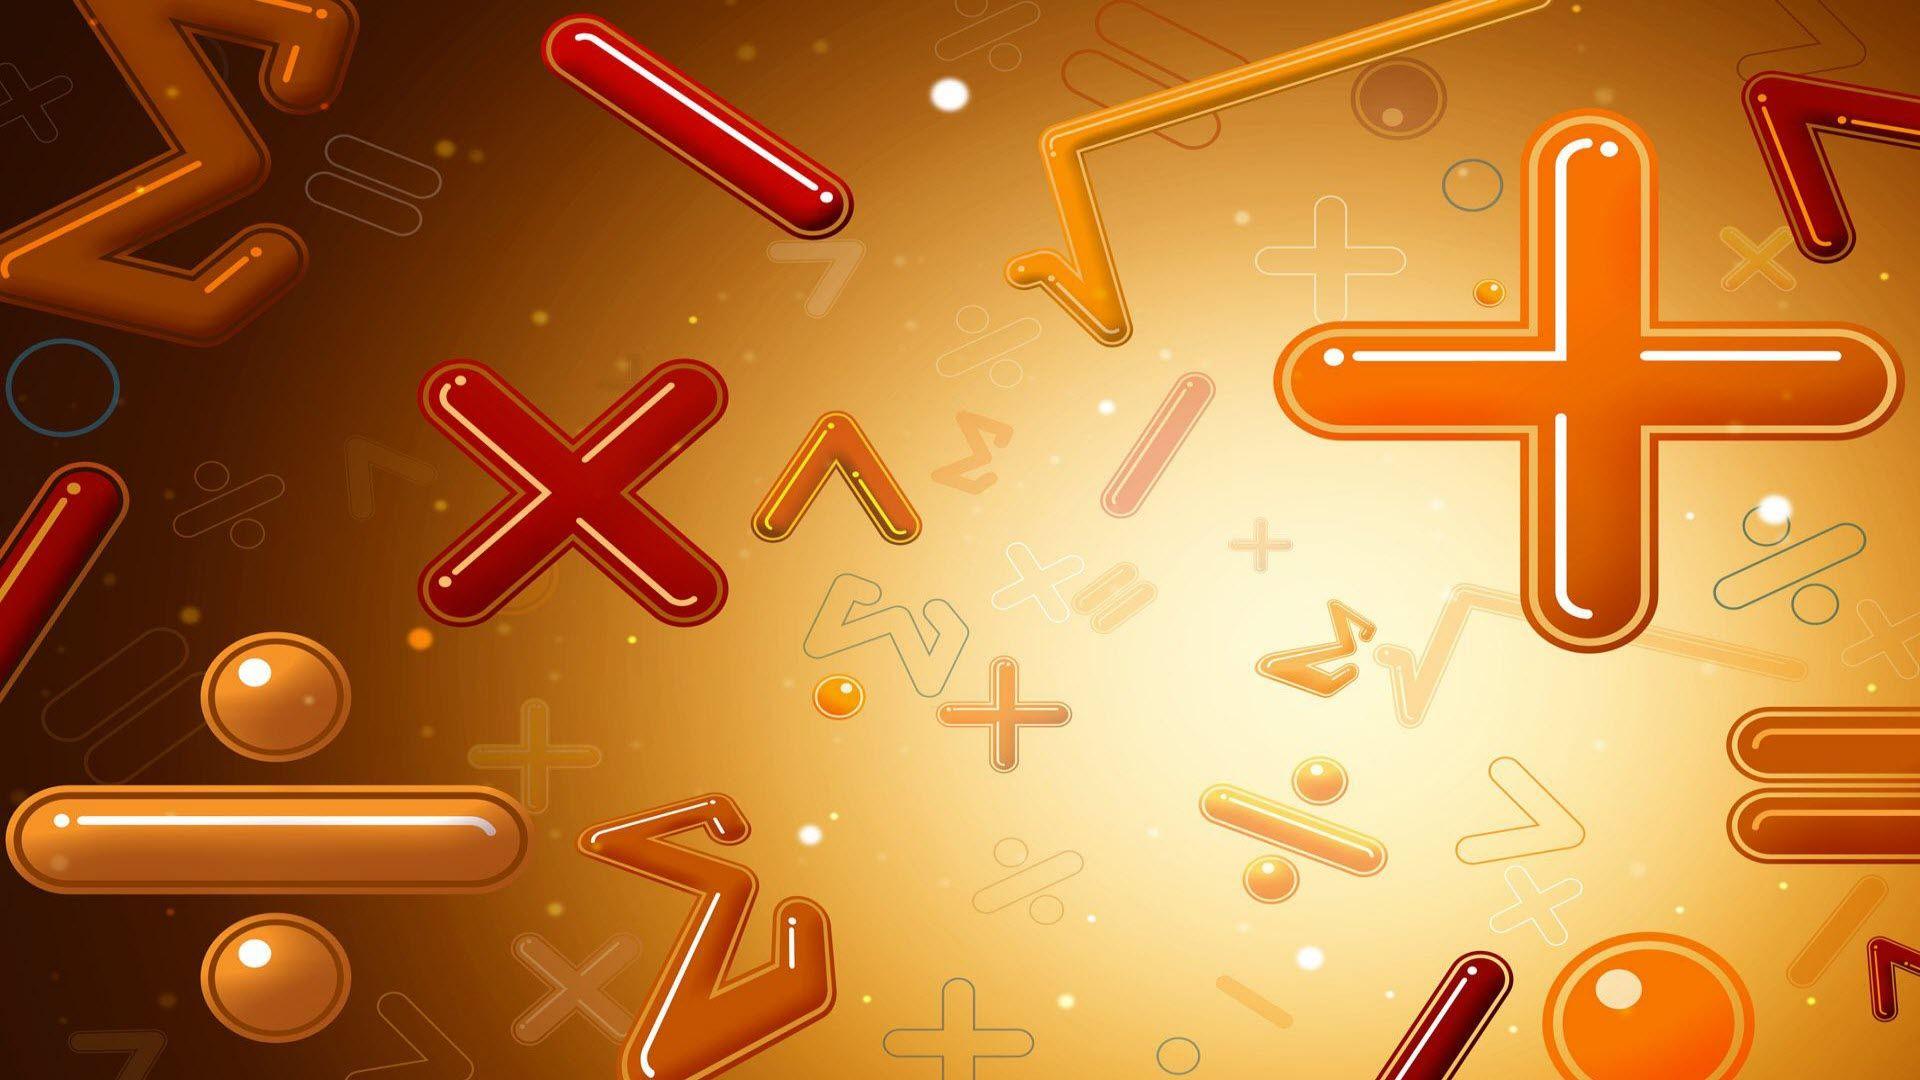 Multiplication clipart mathematics wallpaper. Math hd wallpapers